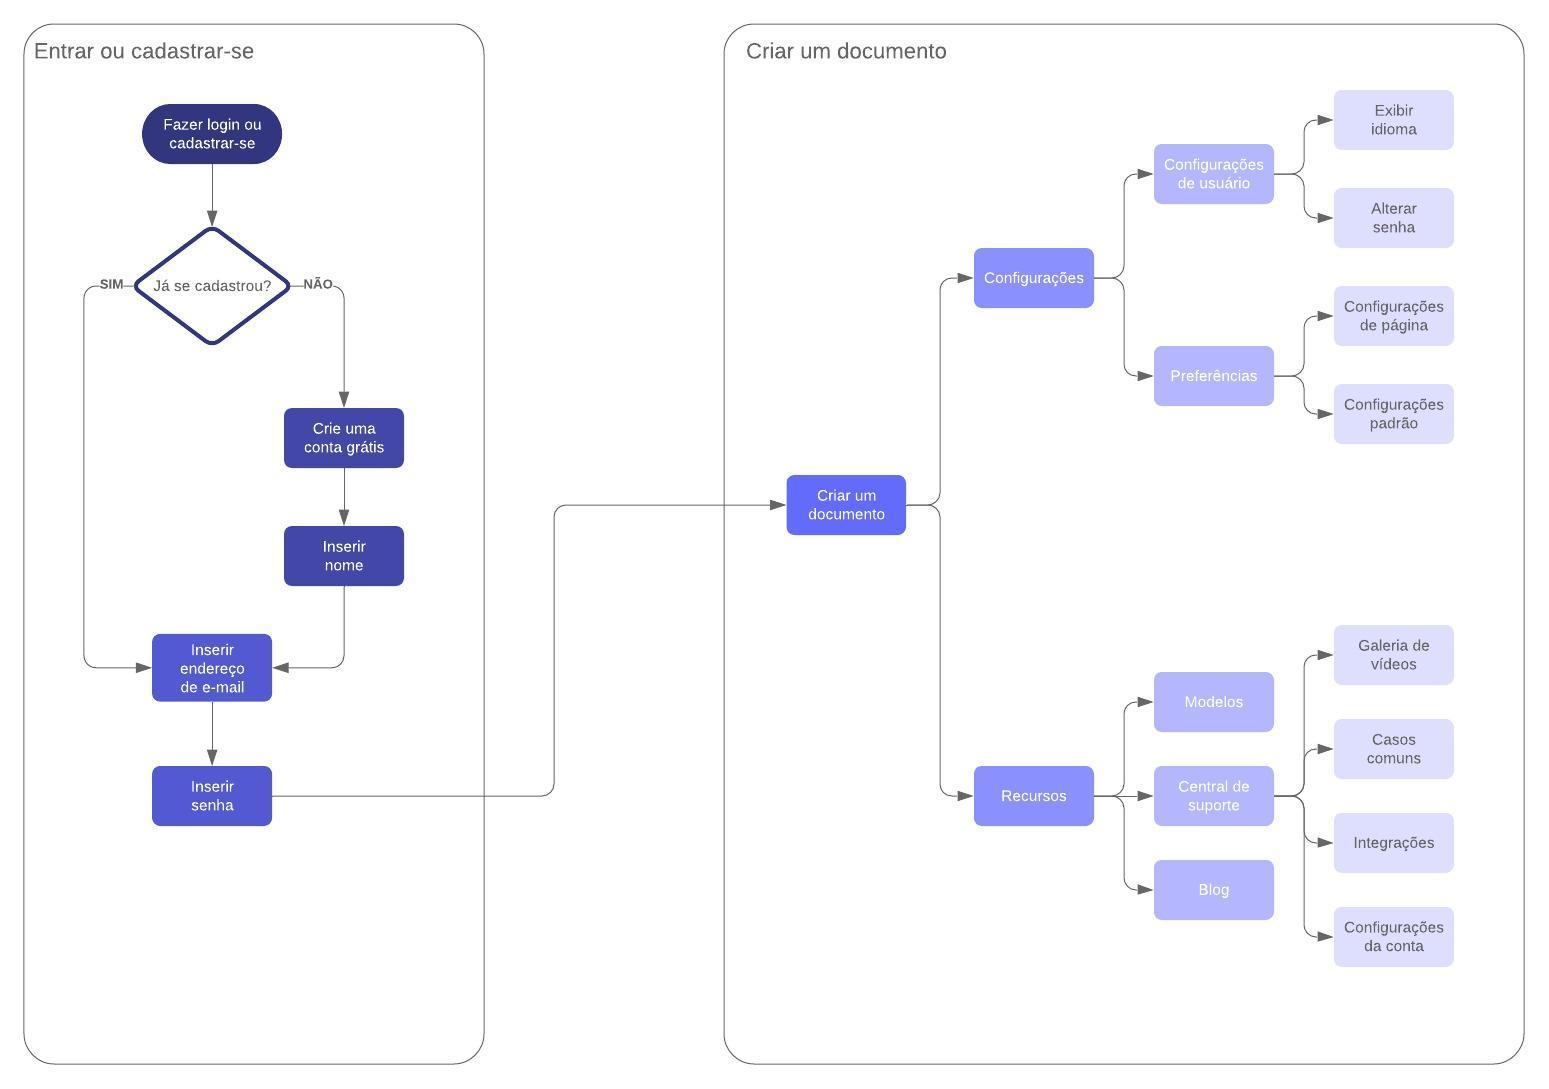 fluxo da trajetória do usuário